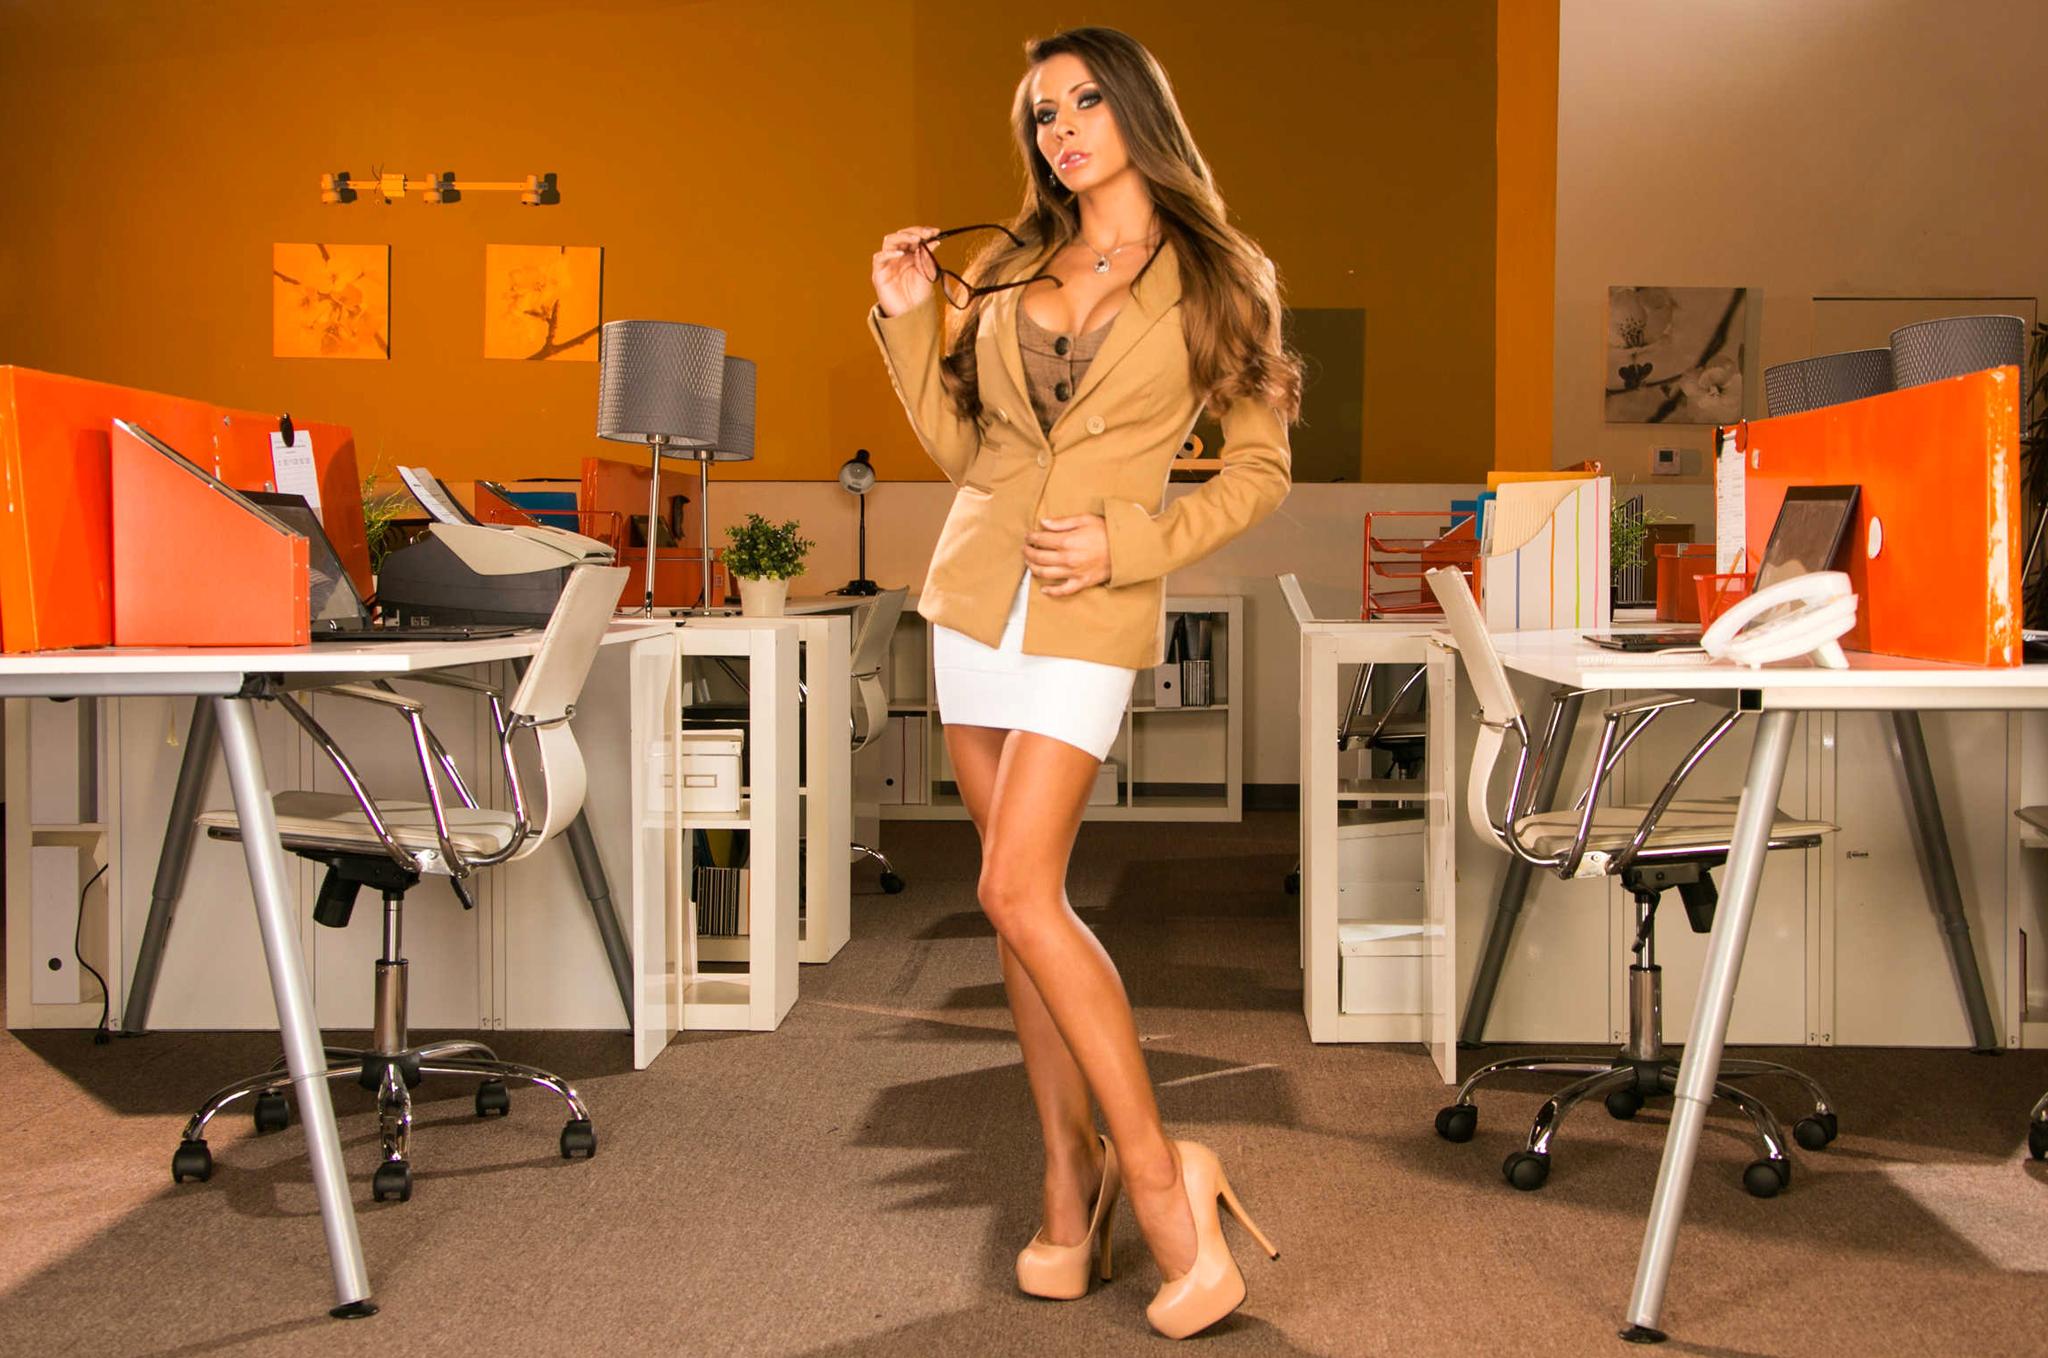 у начальника на рабочем столе размещается красивый и сексуальный секретарь всего лишь